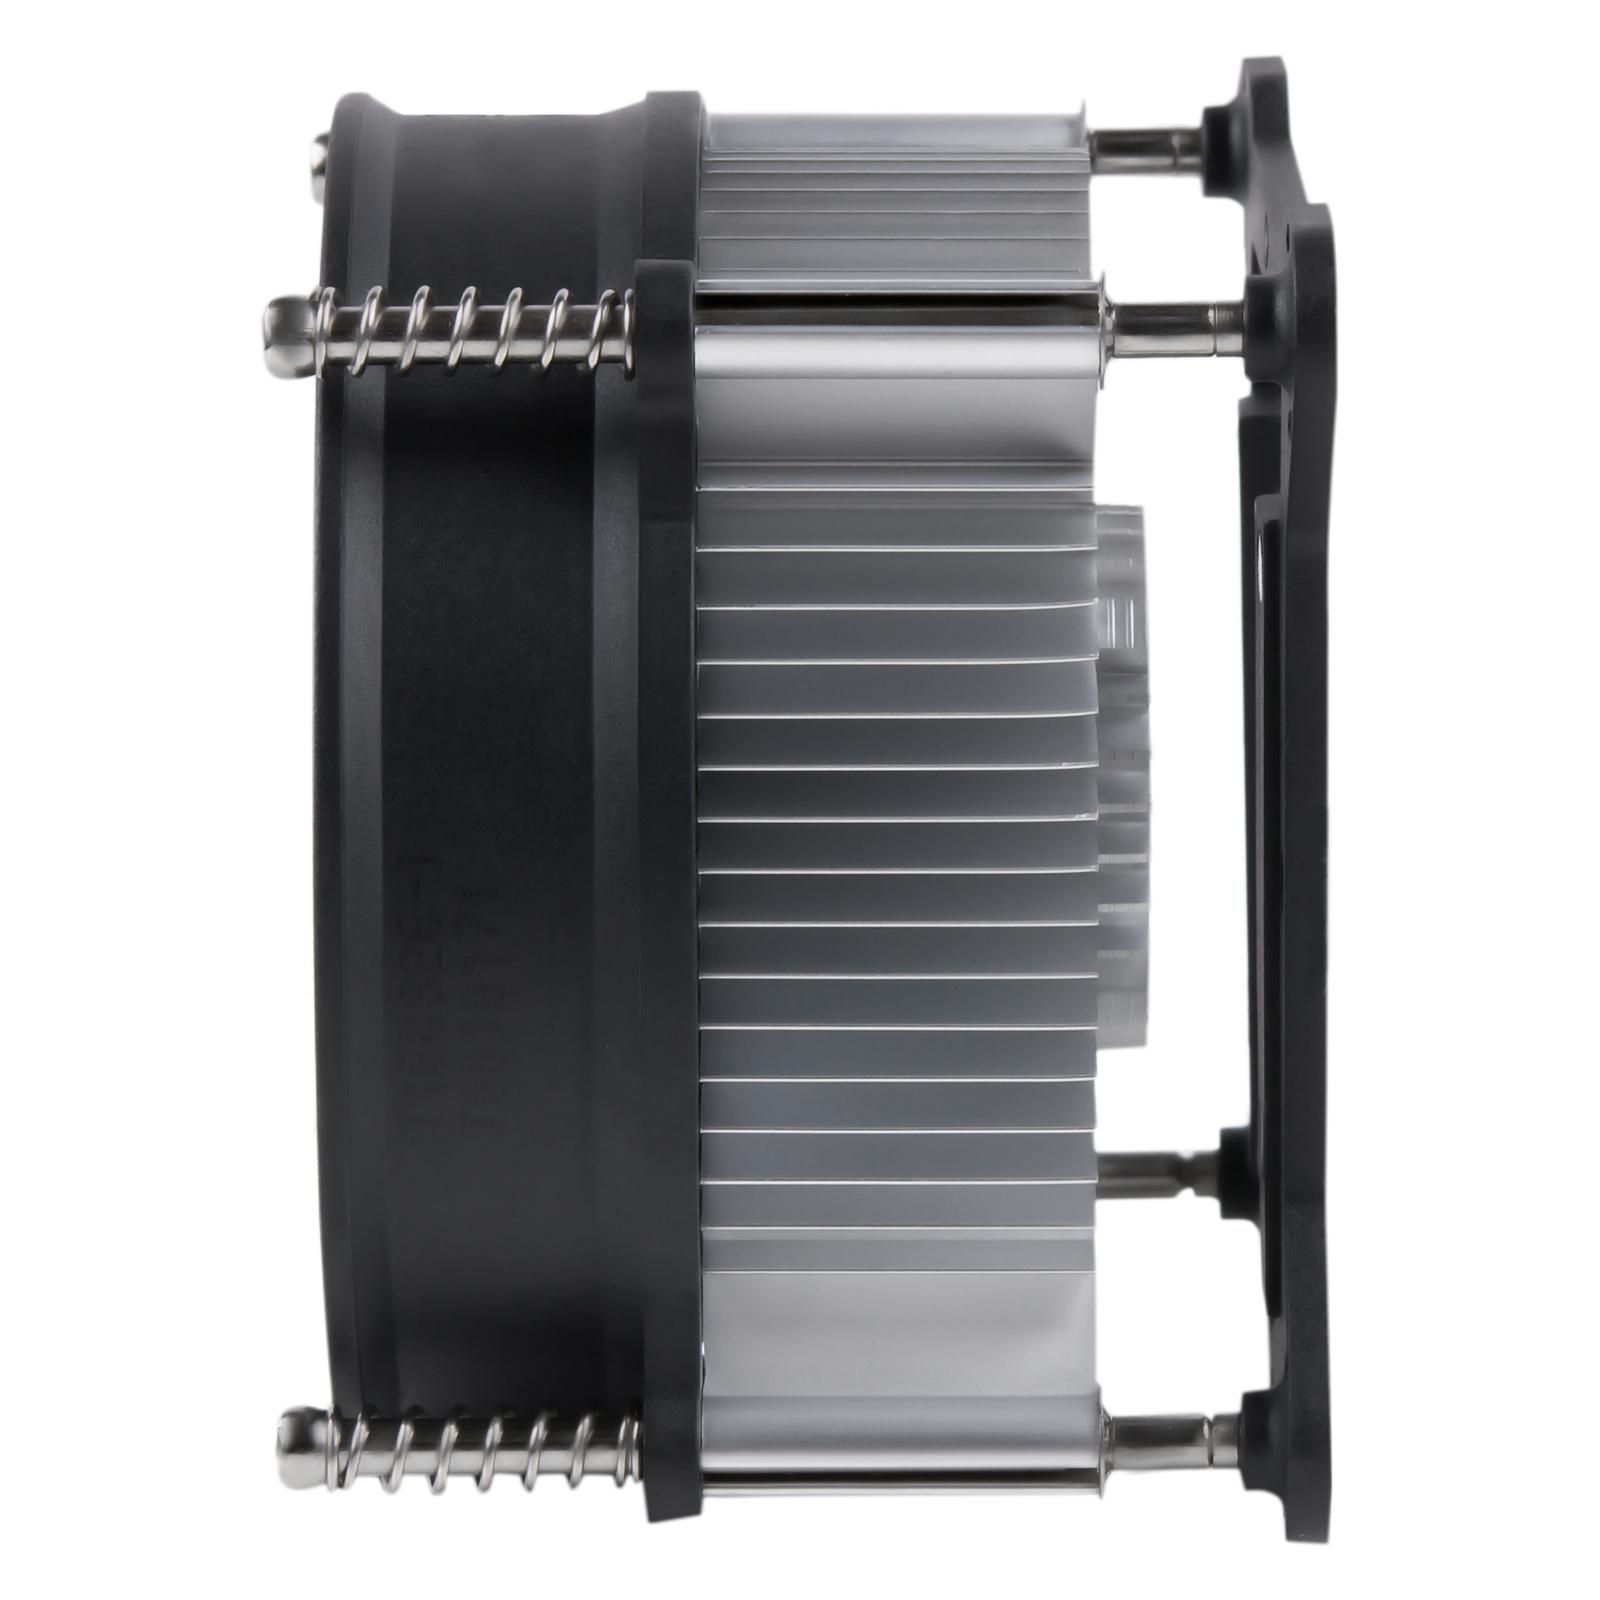 Кулер для процессора Deepcool CK-11508 изображение 5